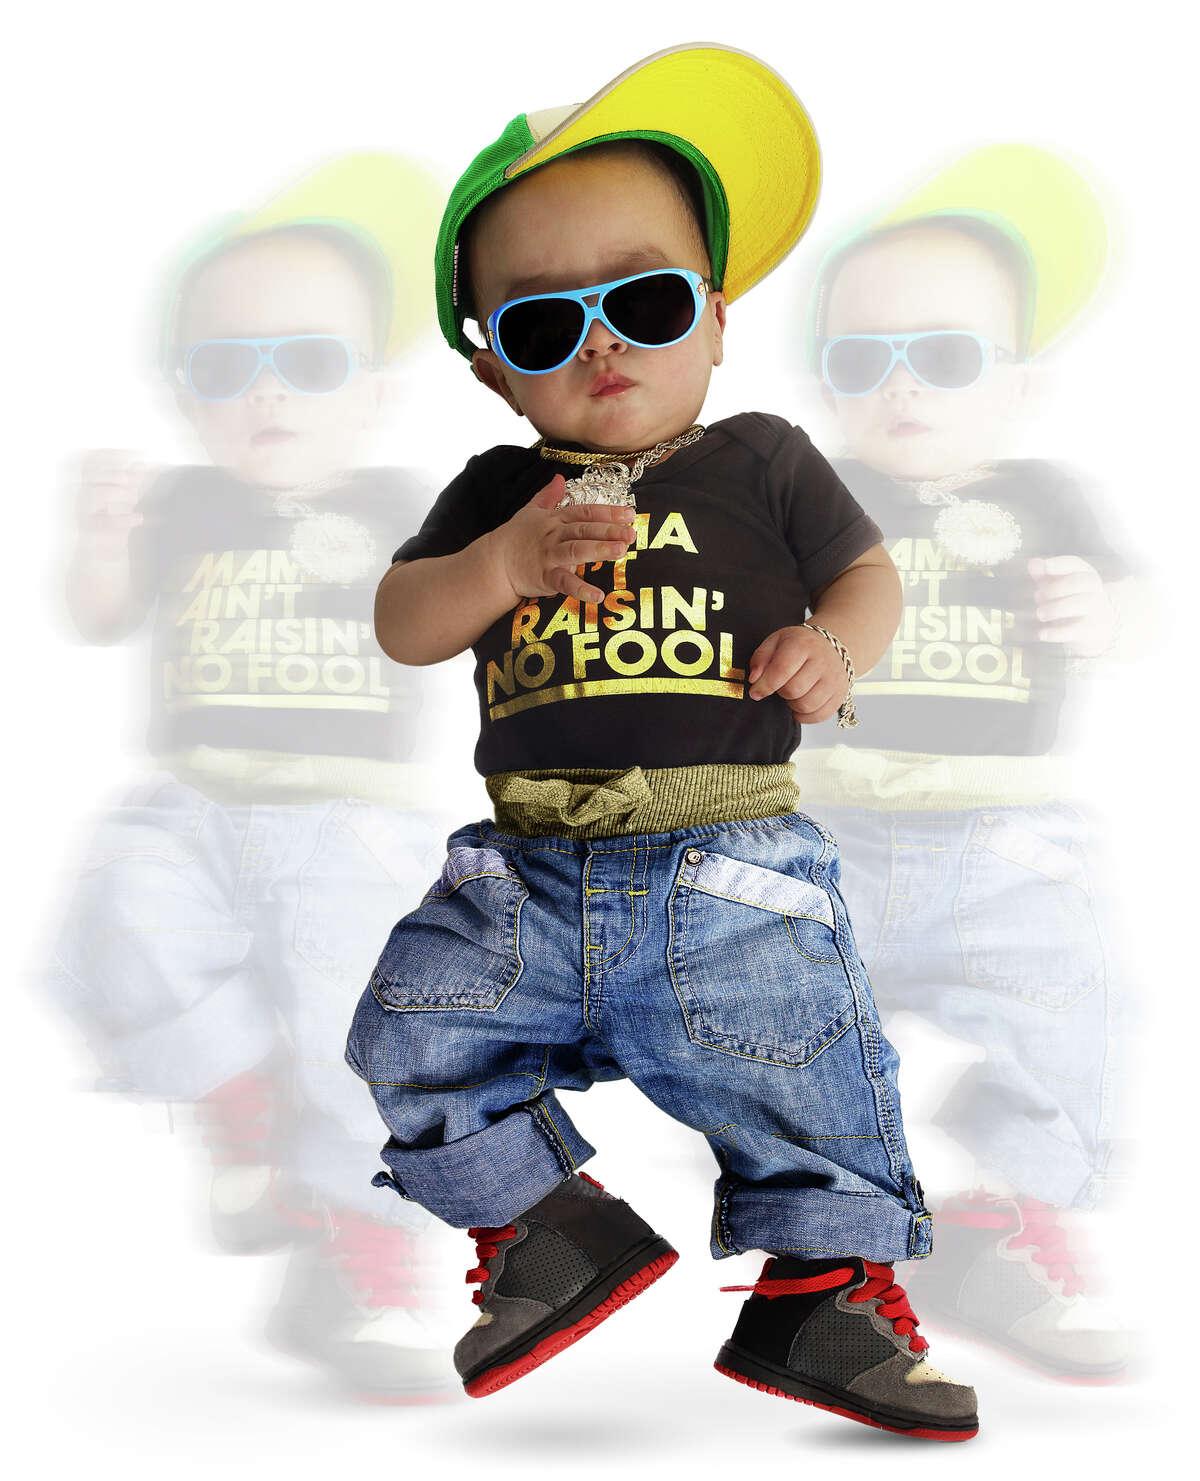 A baby dancing.